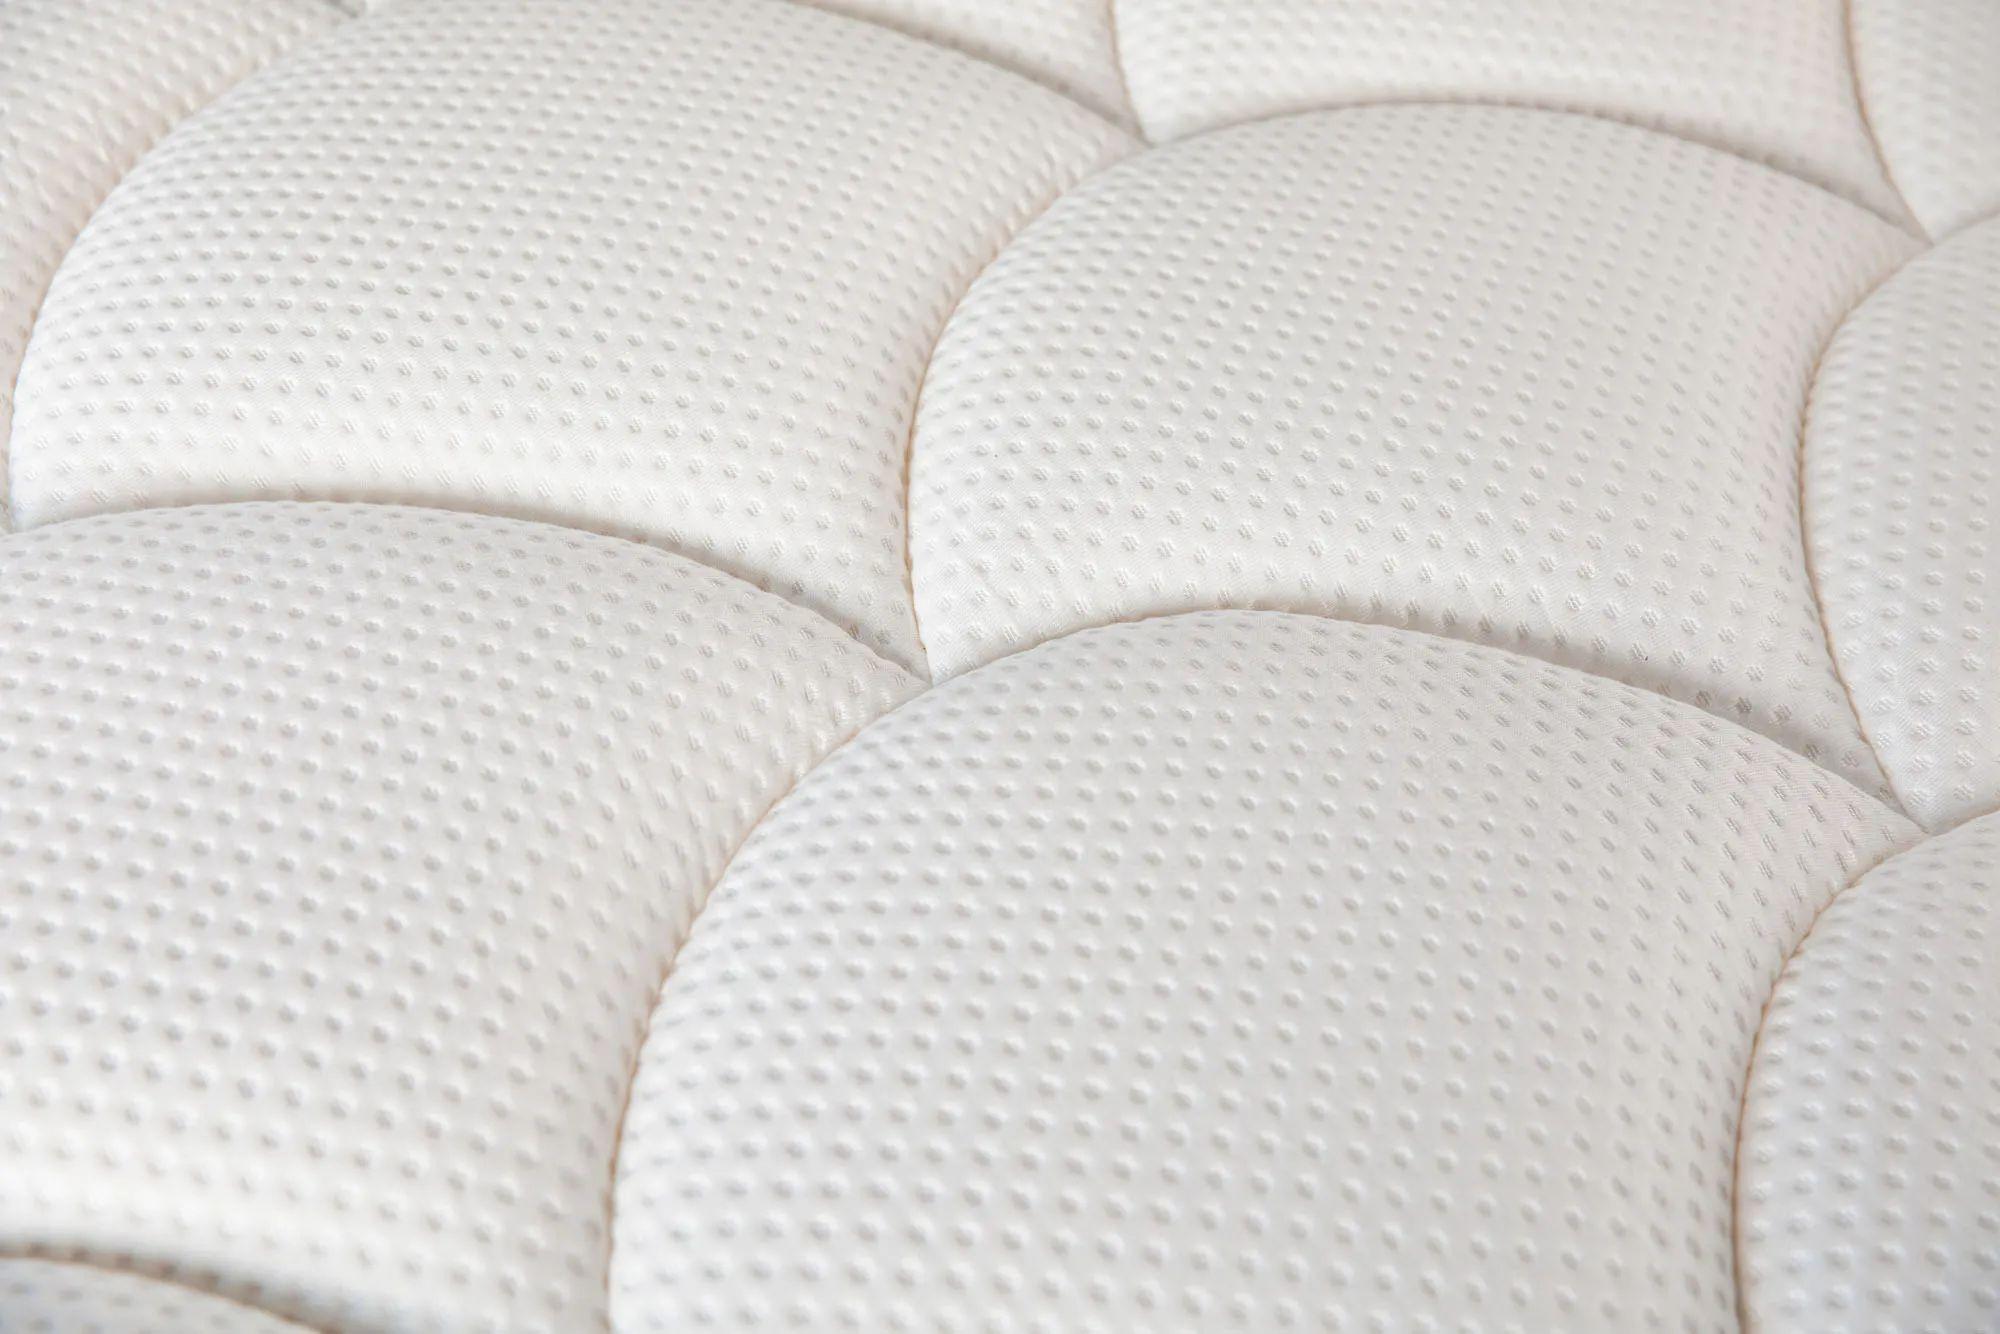 queen dream cloud tt luxury firm 14 inch bed in a box mattress